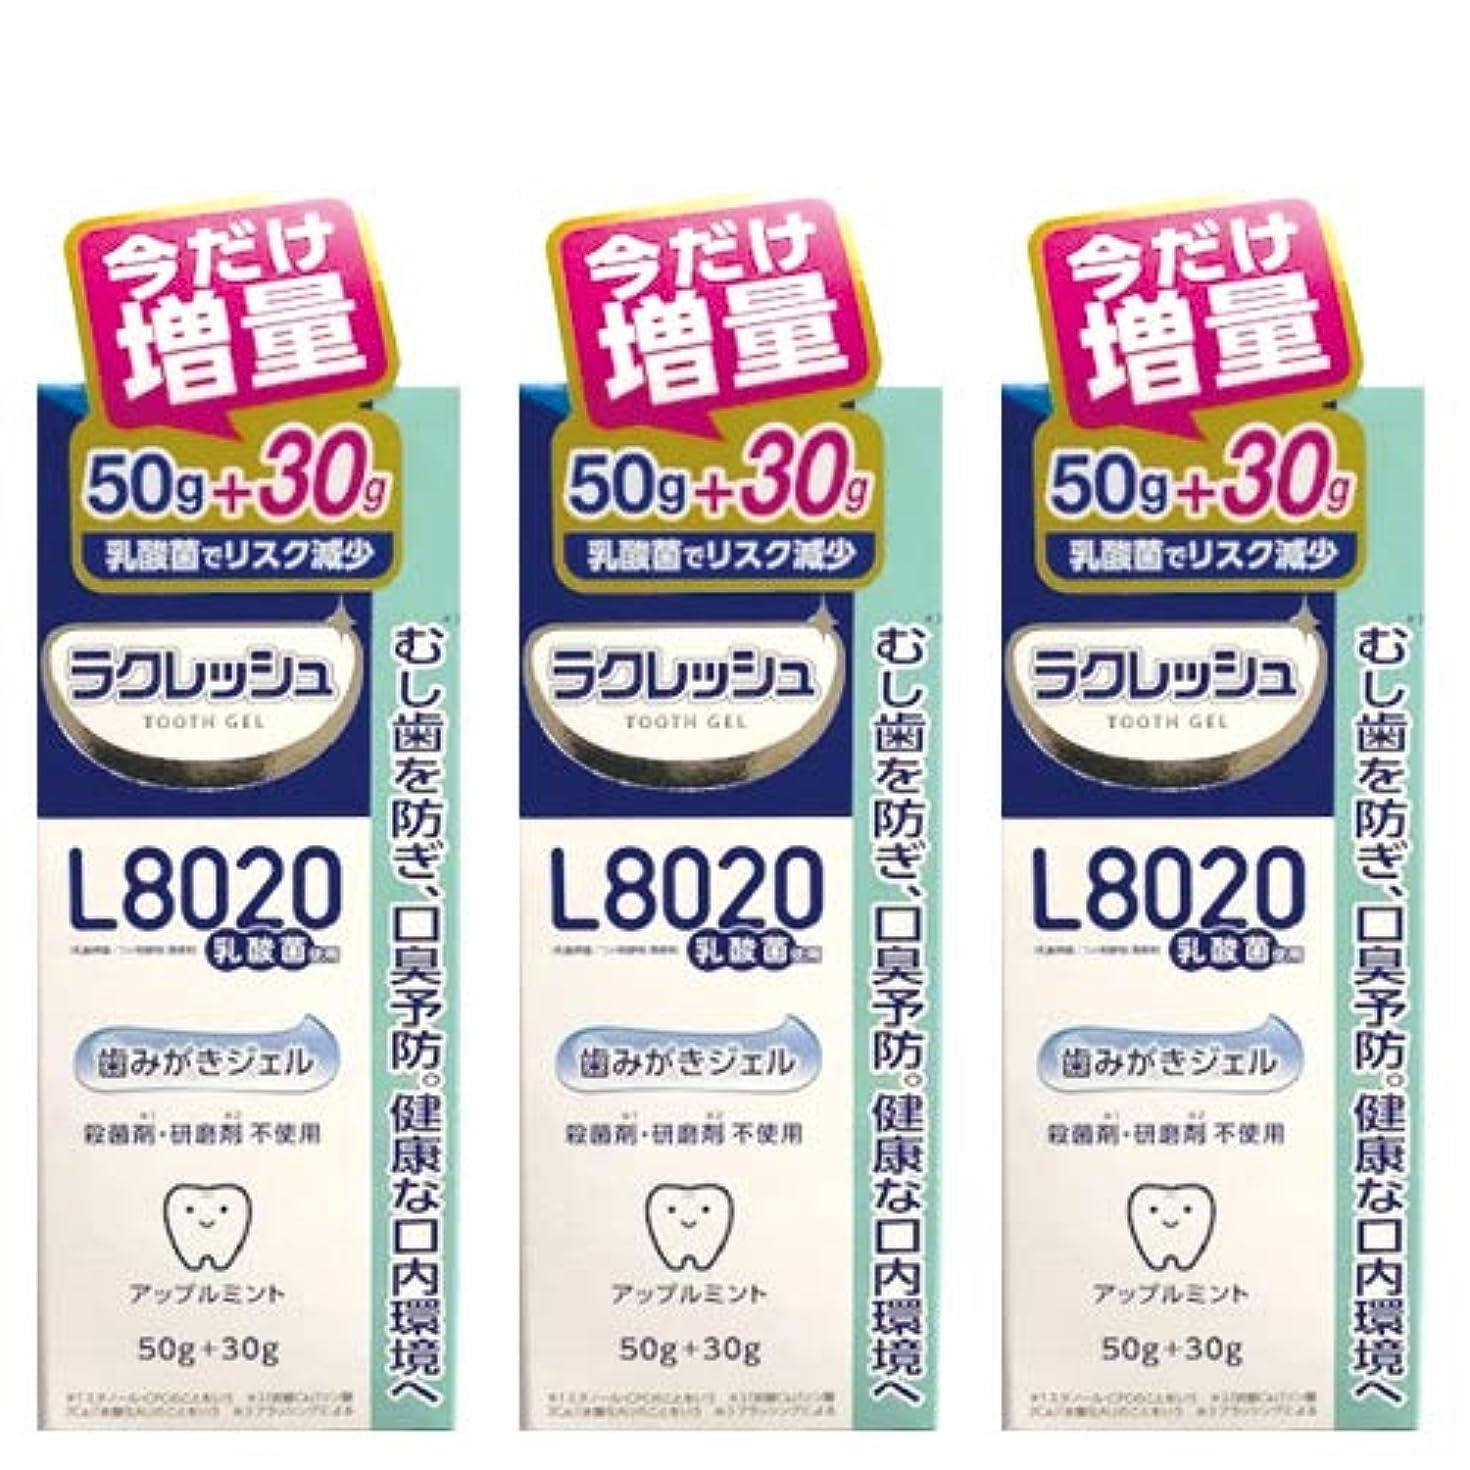 マーチャンダイジングカリングクマノミ【増量30g 】ジェクス L8020乳酸菌 ラクレッシュ 歯みがきジェル 80g(50g+30g)×3本セット